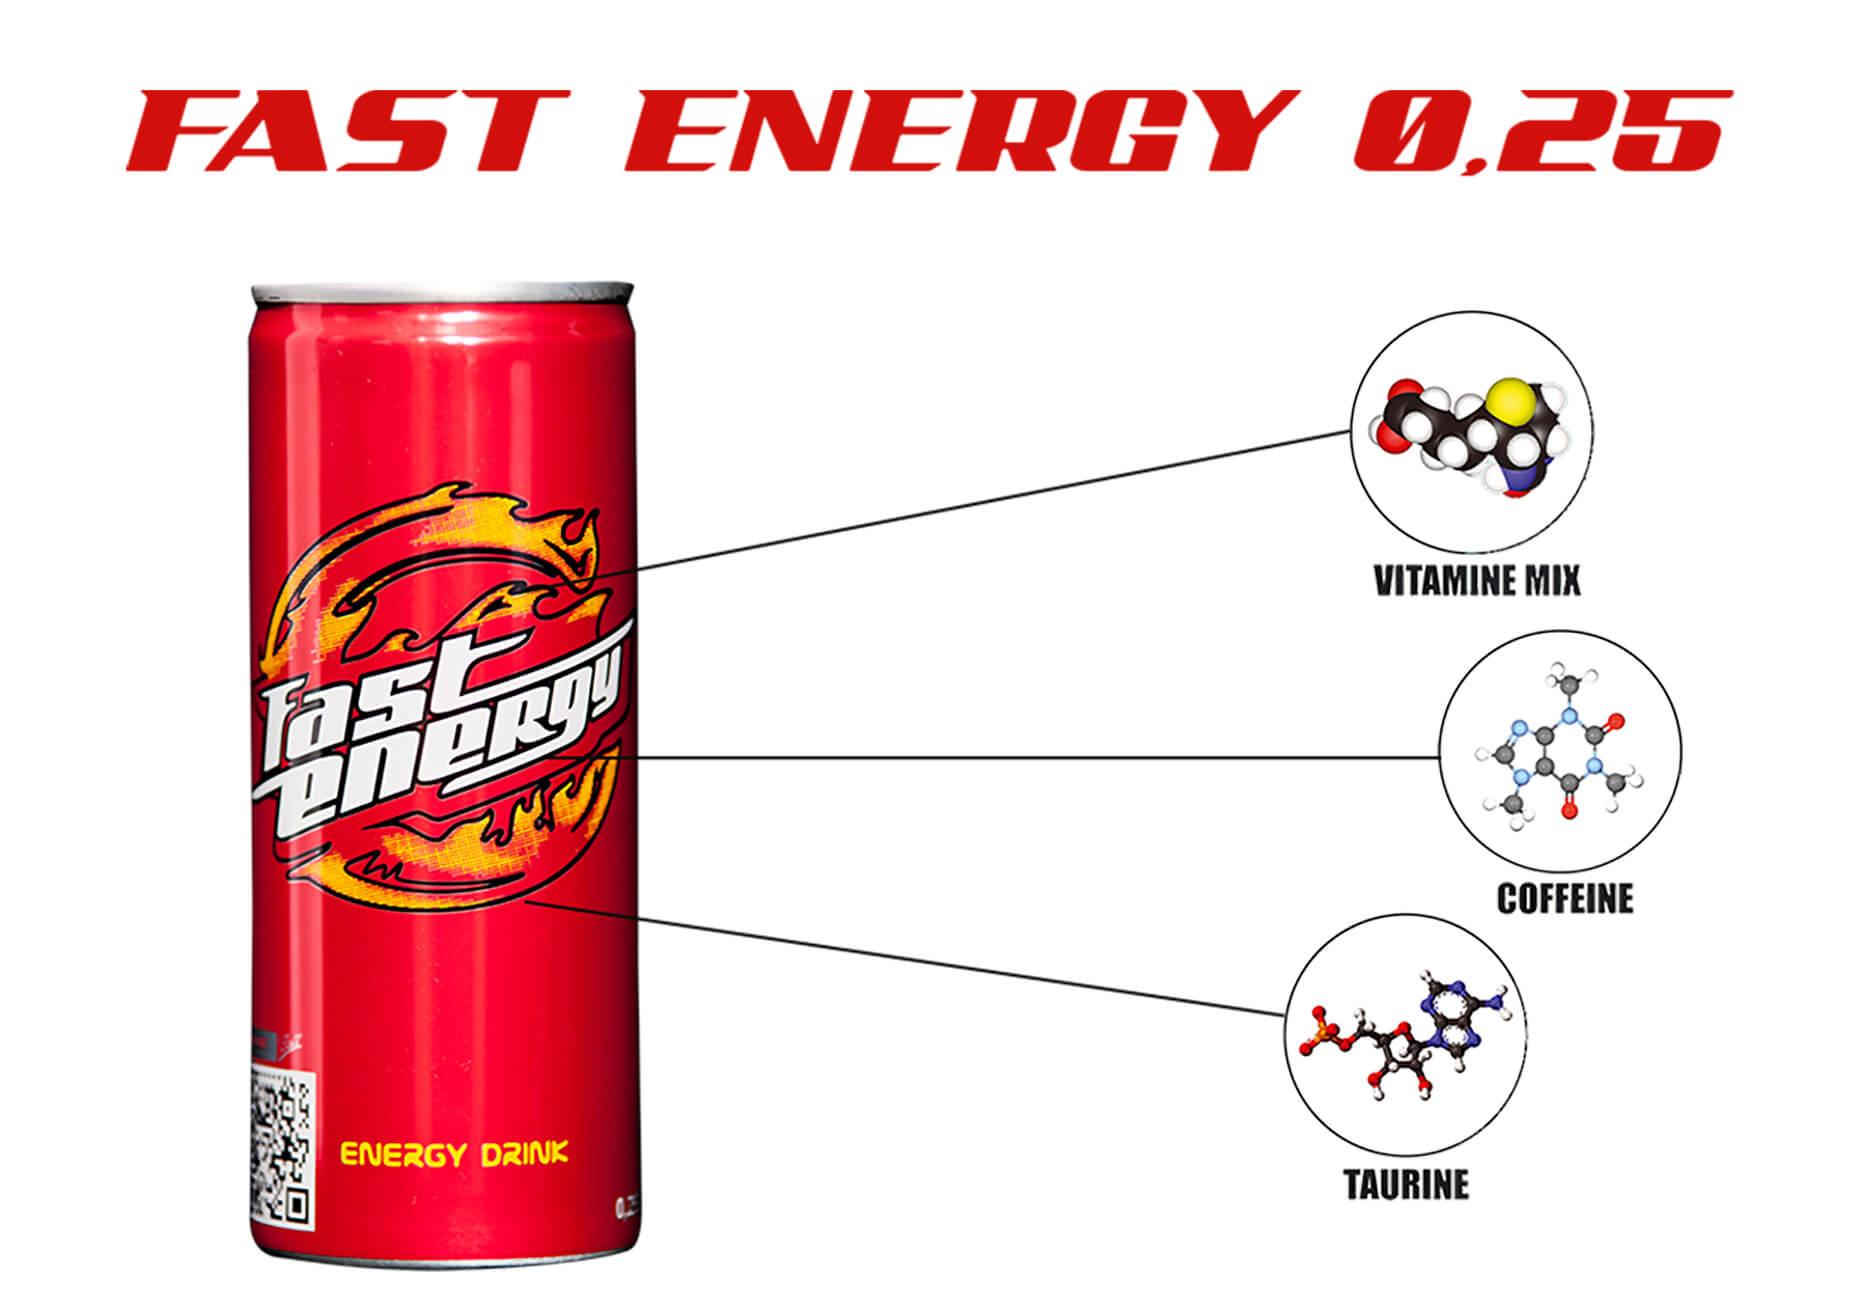 Fast Energy Drink 0,25l sastav